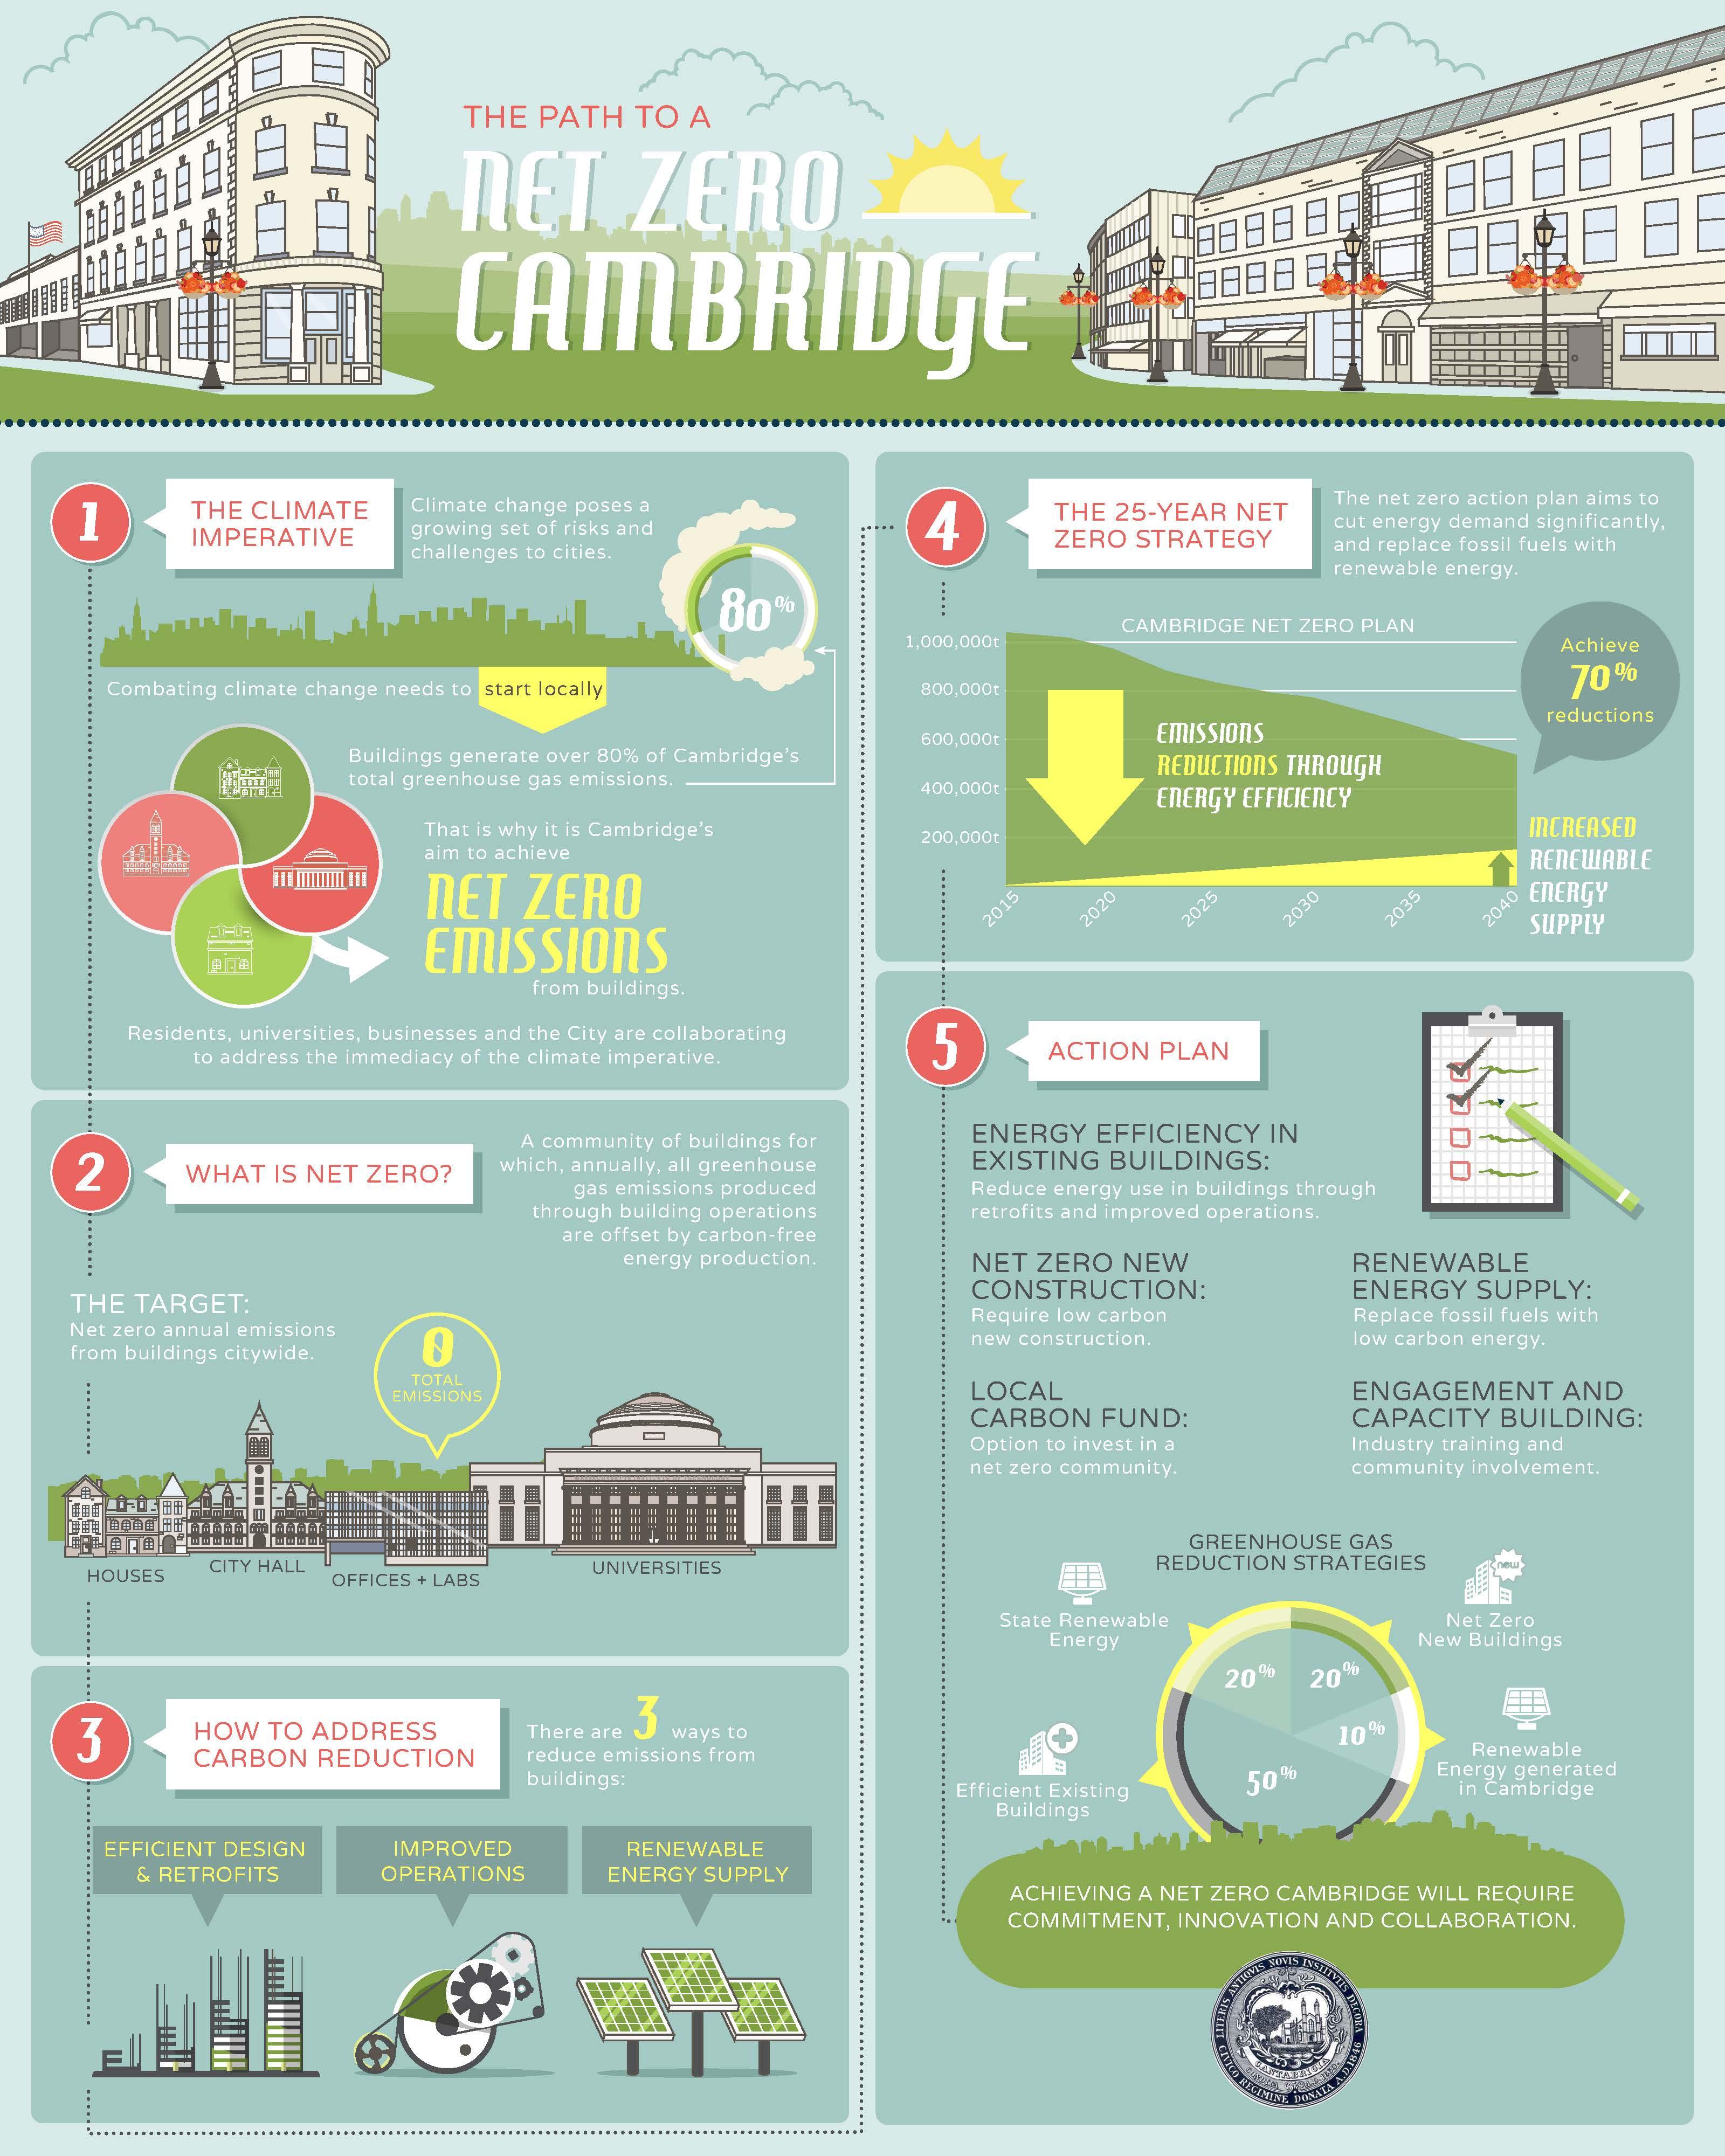 Net Zero Action Plan Infographic